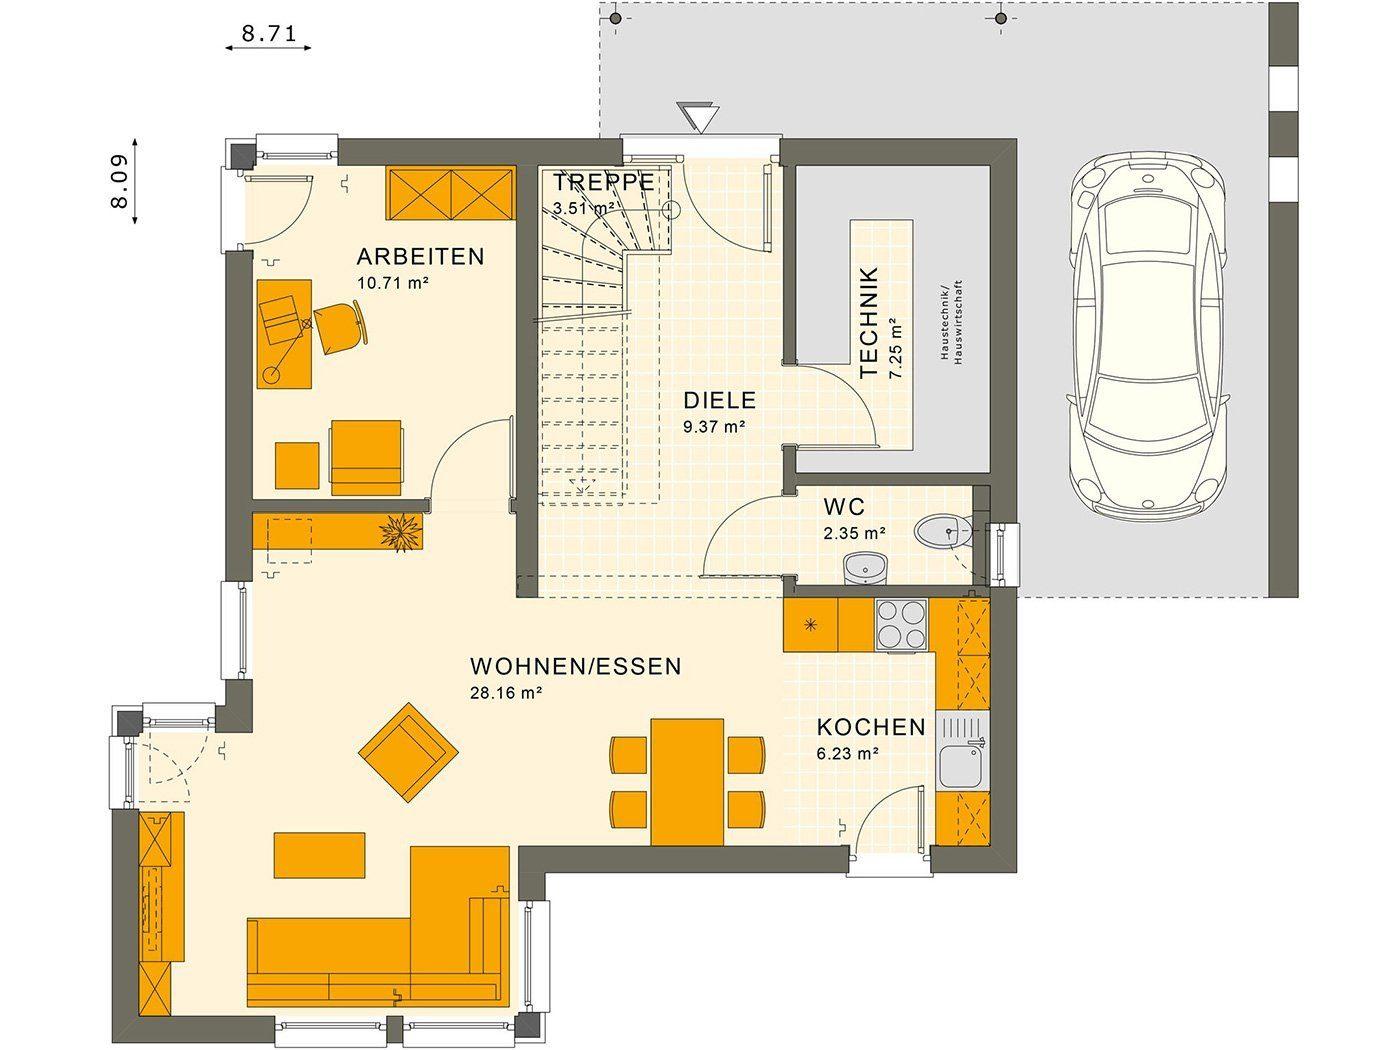 SUNSHINE 113 V7 - Eine Nahaufnahme von einer Karte - Gebäudeplan